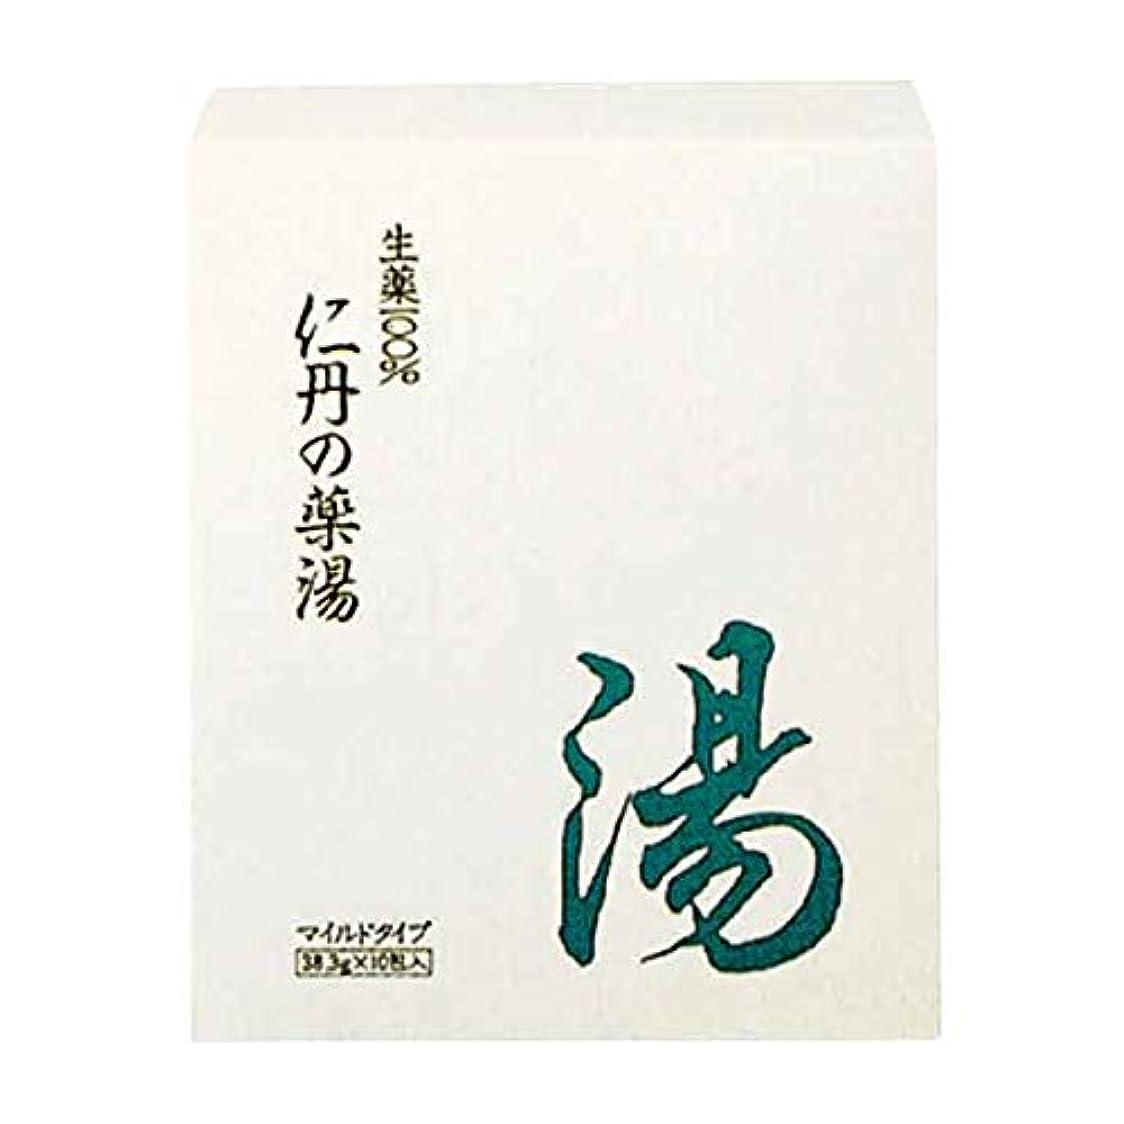 闇アッティカス二週間森下仁丹 仁丹の薬湯(マイルド) 10包 [医薬部外品]